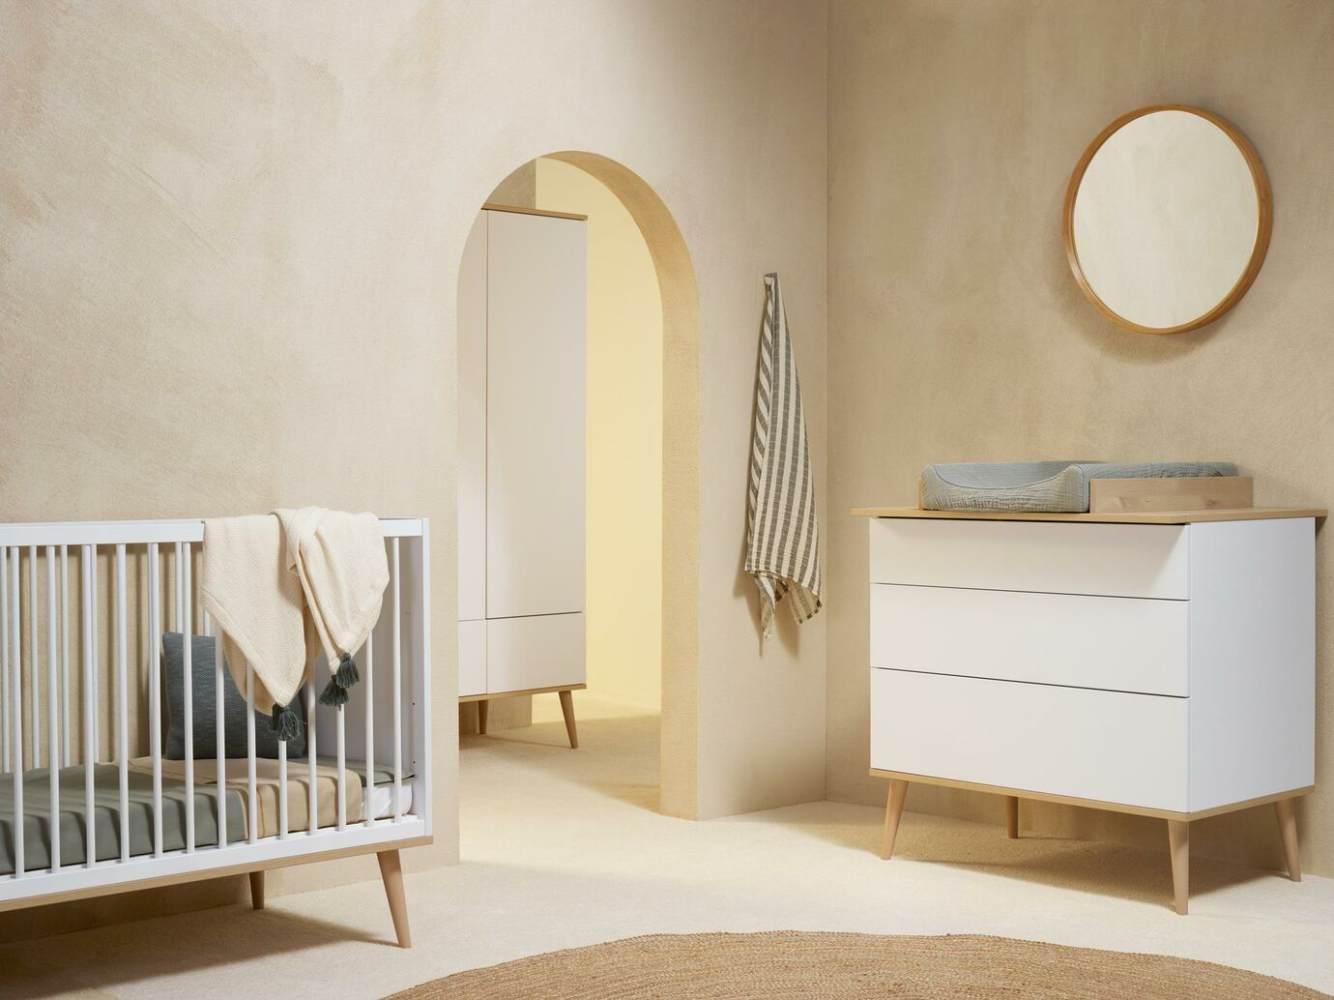 Quax 'Flow' 3-tlg. Kinderzimmerset, White & Oak, aus Bett 70 x 140 cm, Wickelkommode und 2-trg. Kleiderschrank Bild 1